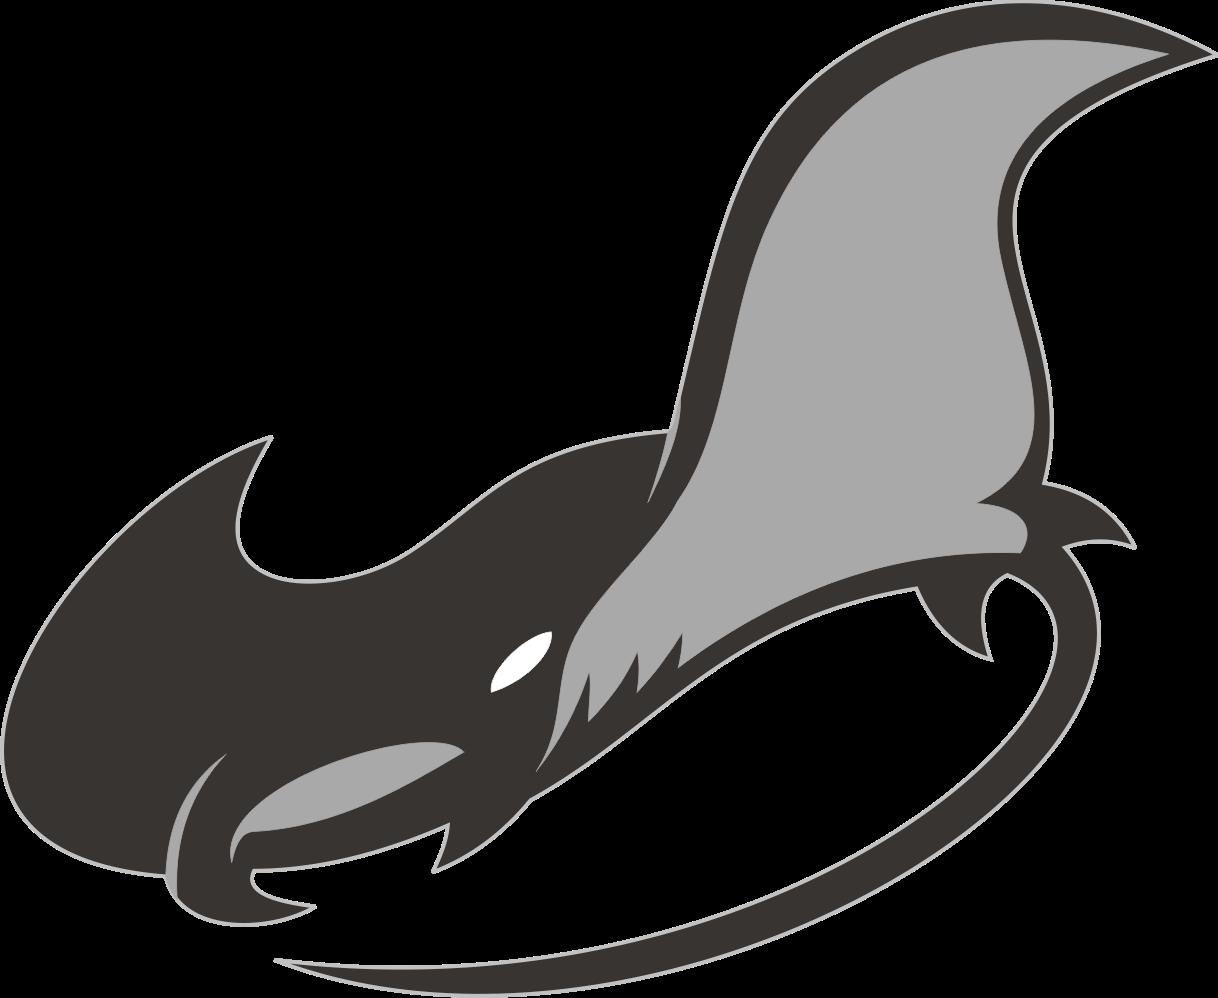 Kumpulan Gambar Kartun Ikan Pari Terbaru